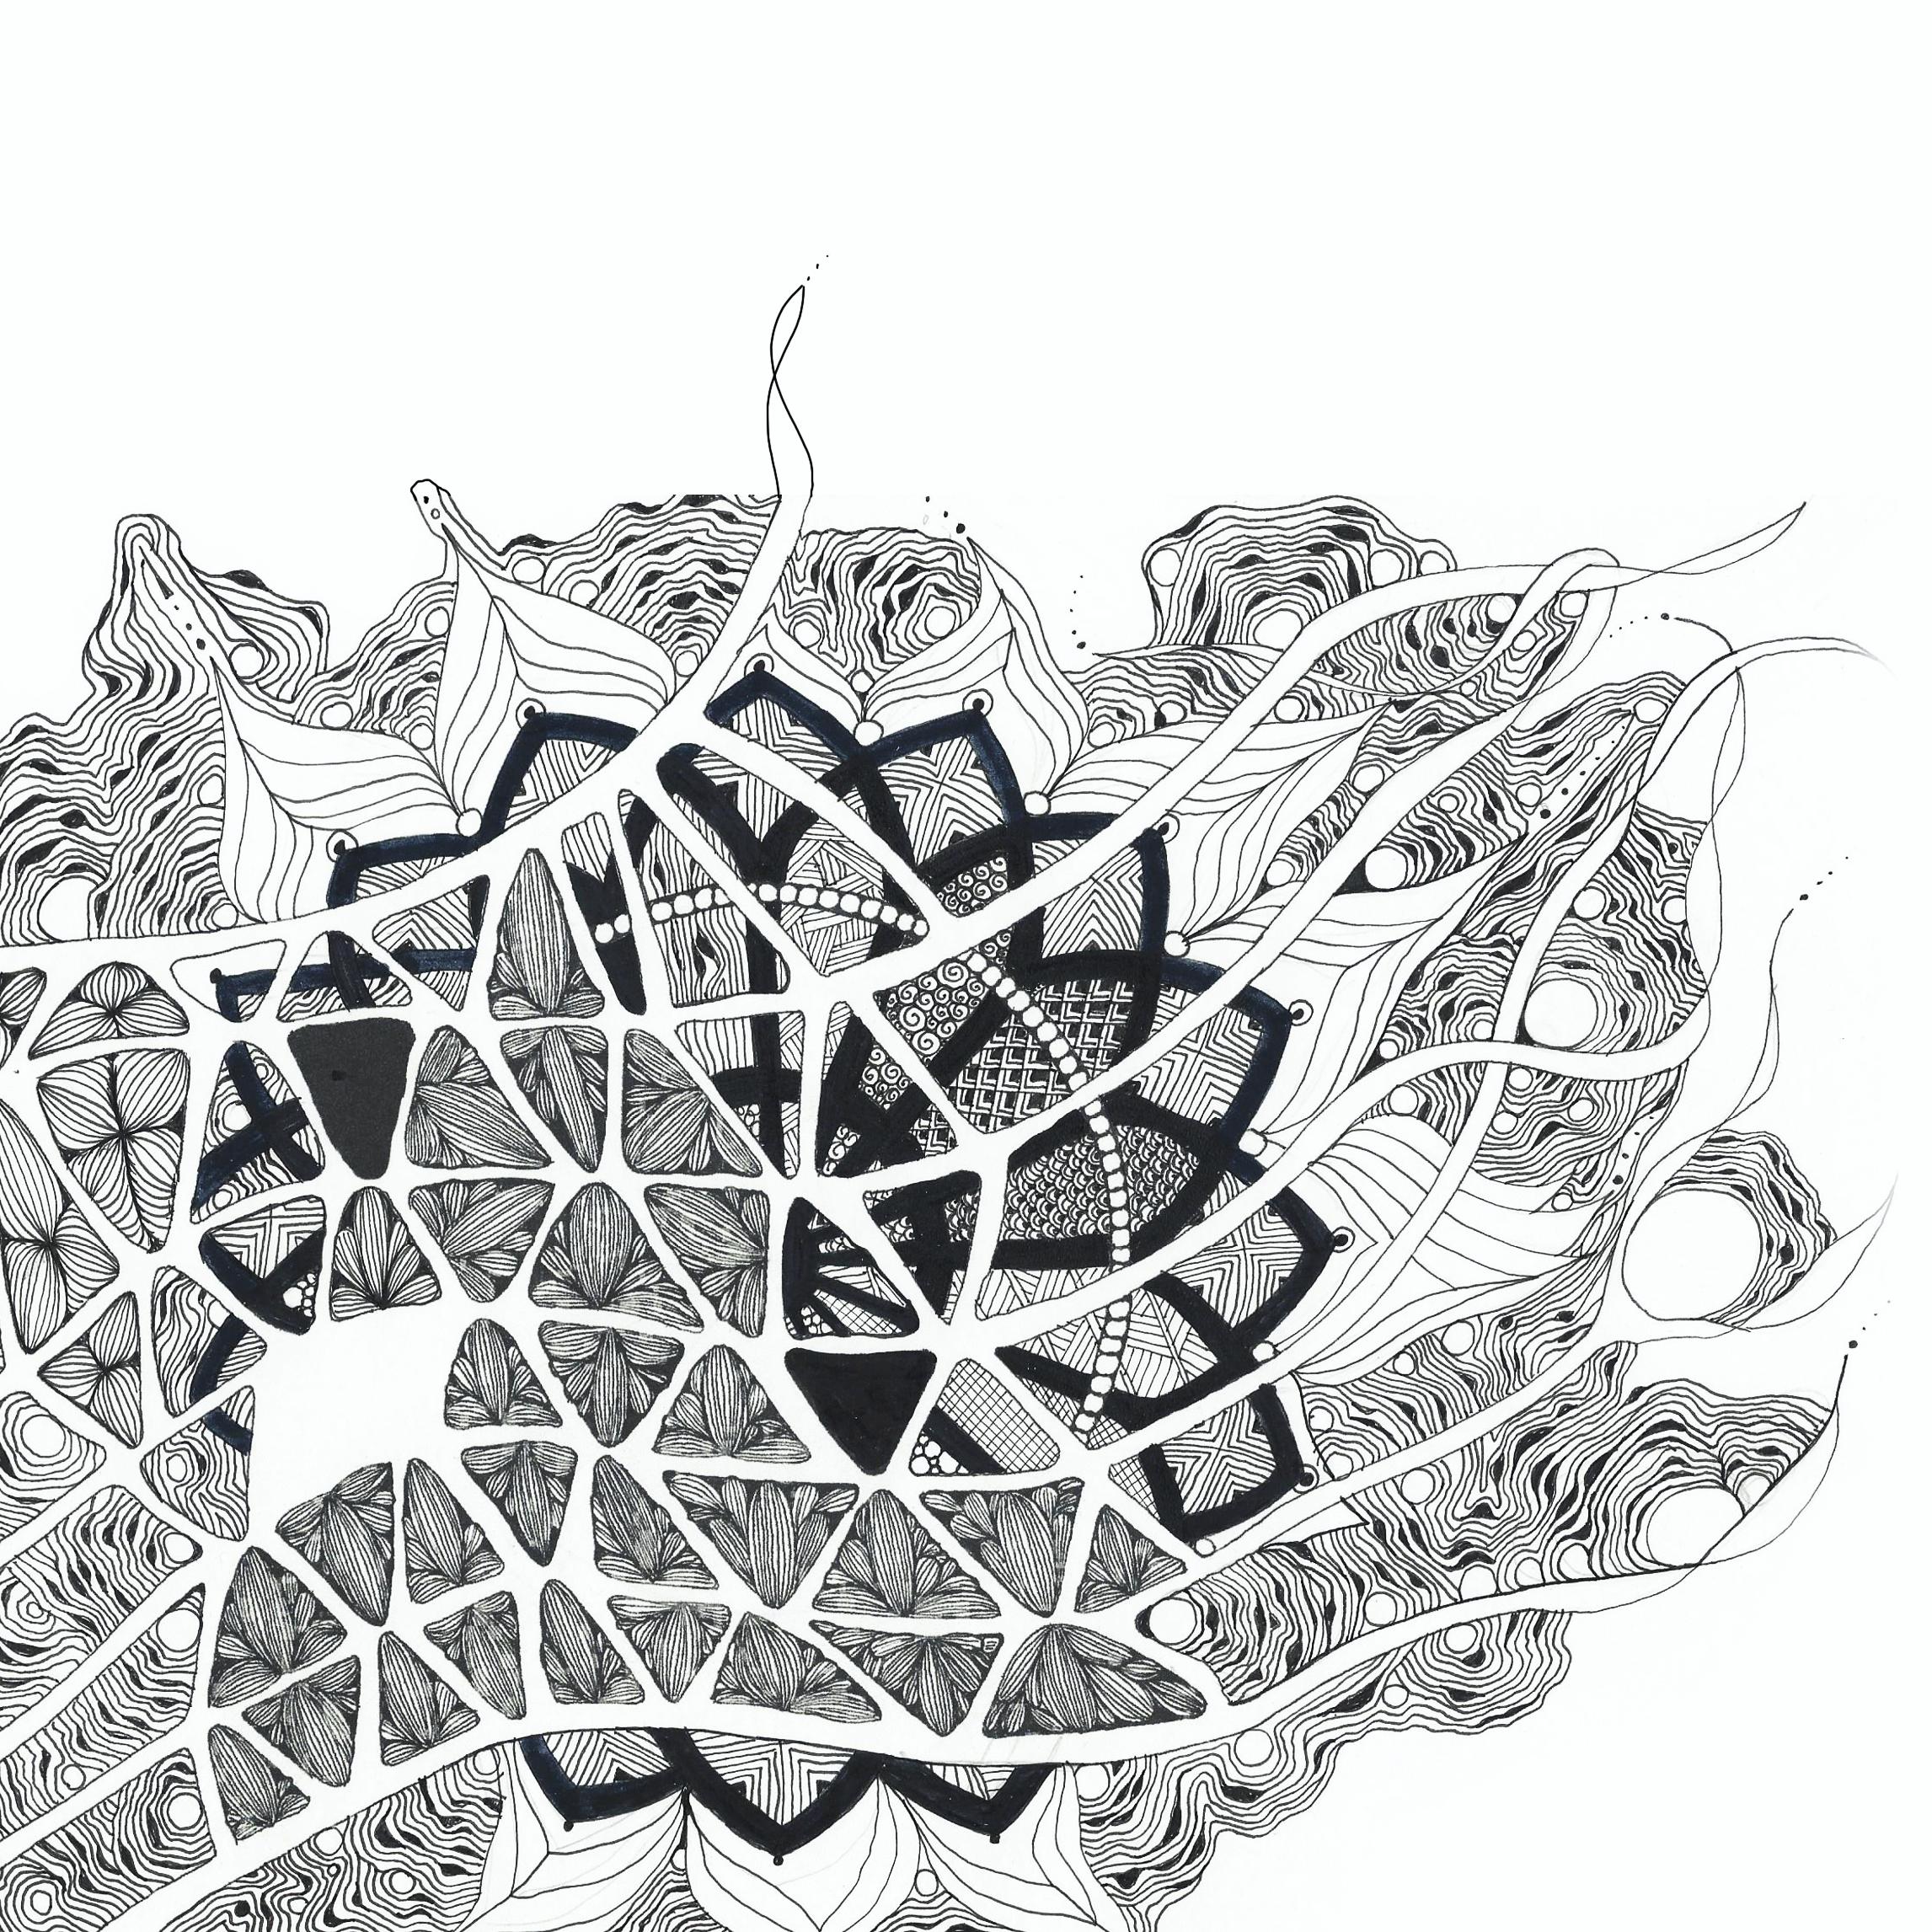 Abbildung eines zentangle inspired art mit einem Netz